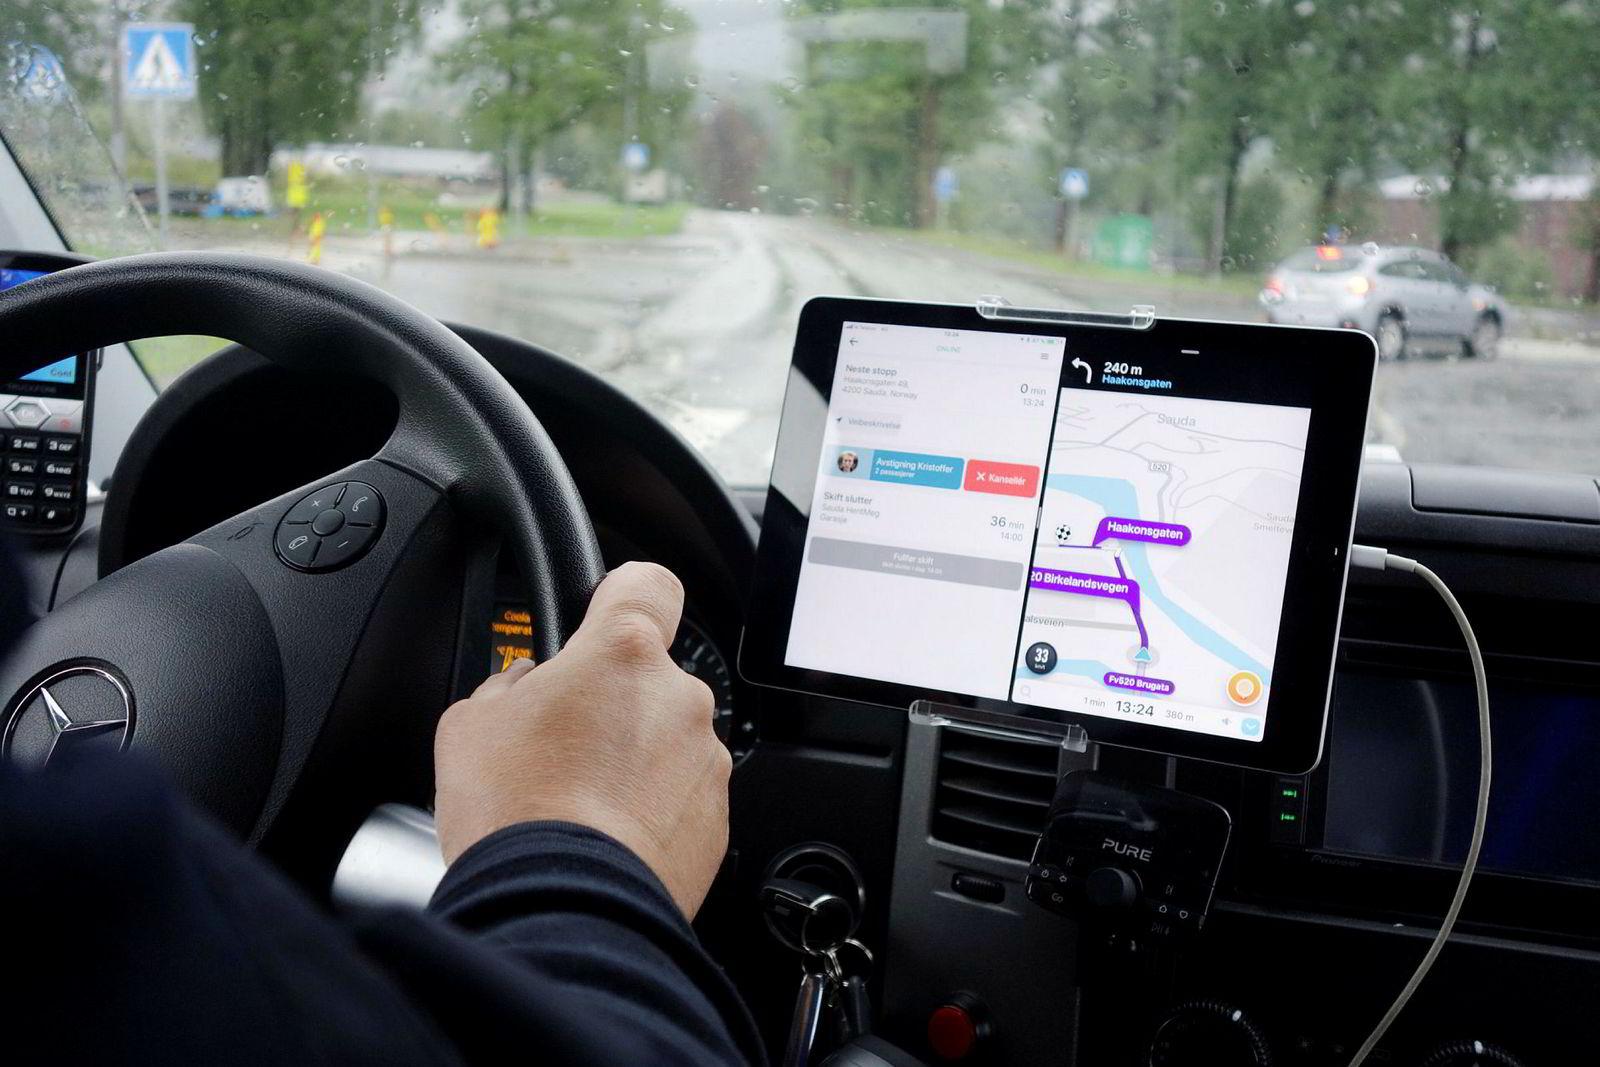 Inn på nettbrettet hos bussjåfør Tor Michaelsen kommer løpende en oppdatert kjørerute med navn på nye passasjer og hvor de skal hentes.